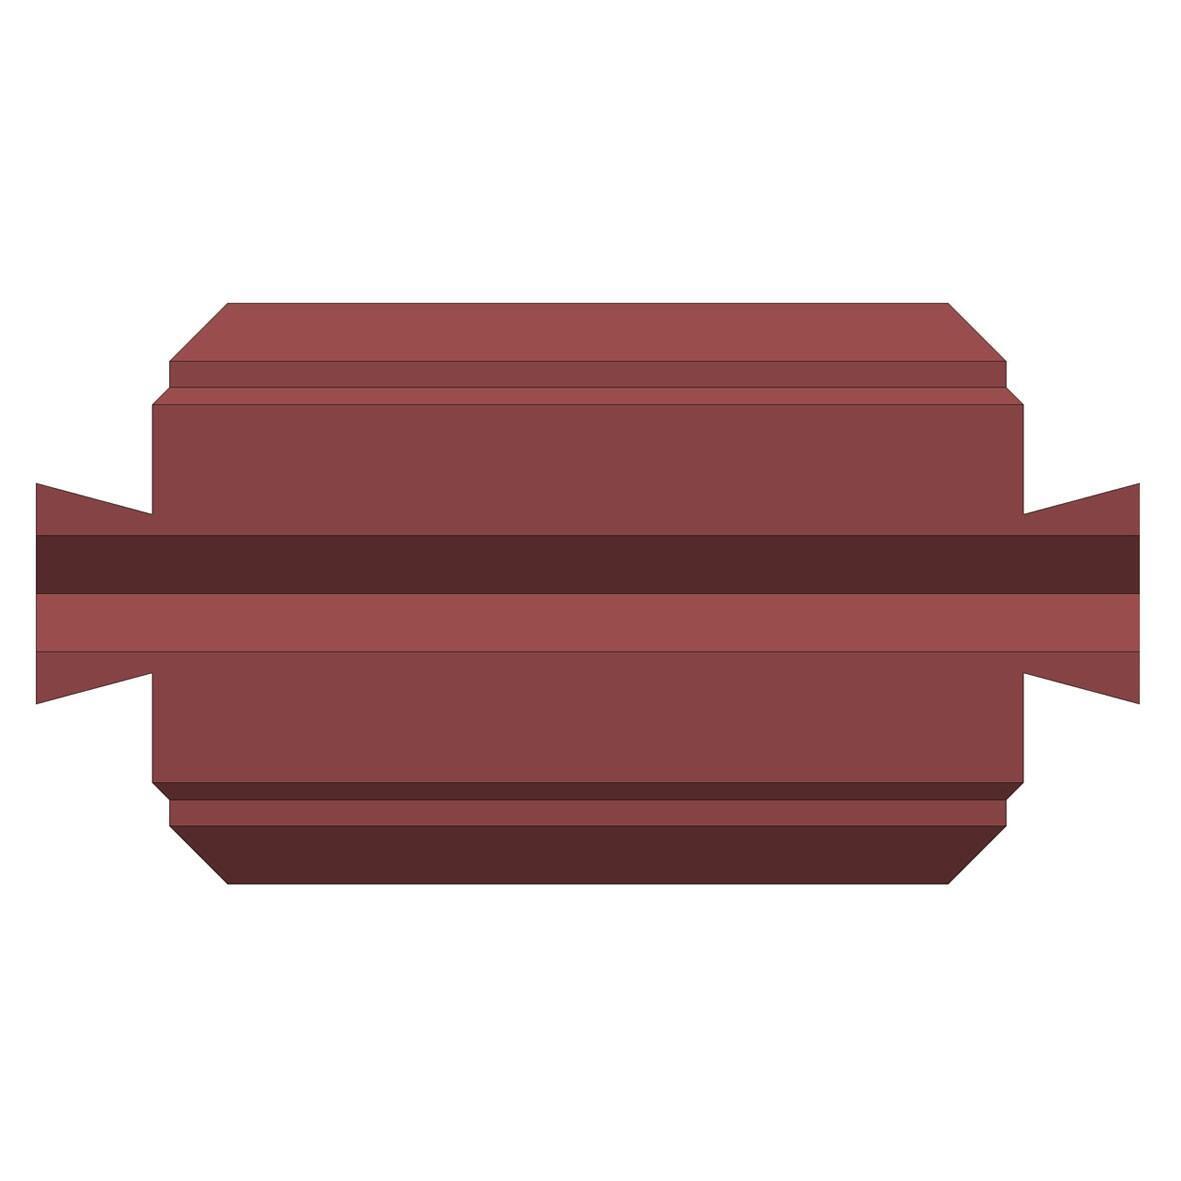 Бетонный блок Brick для забора рядовой доборный вид с верху